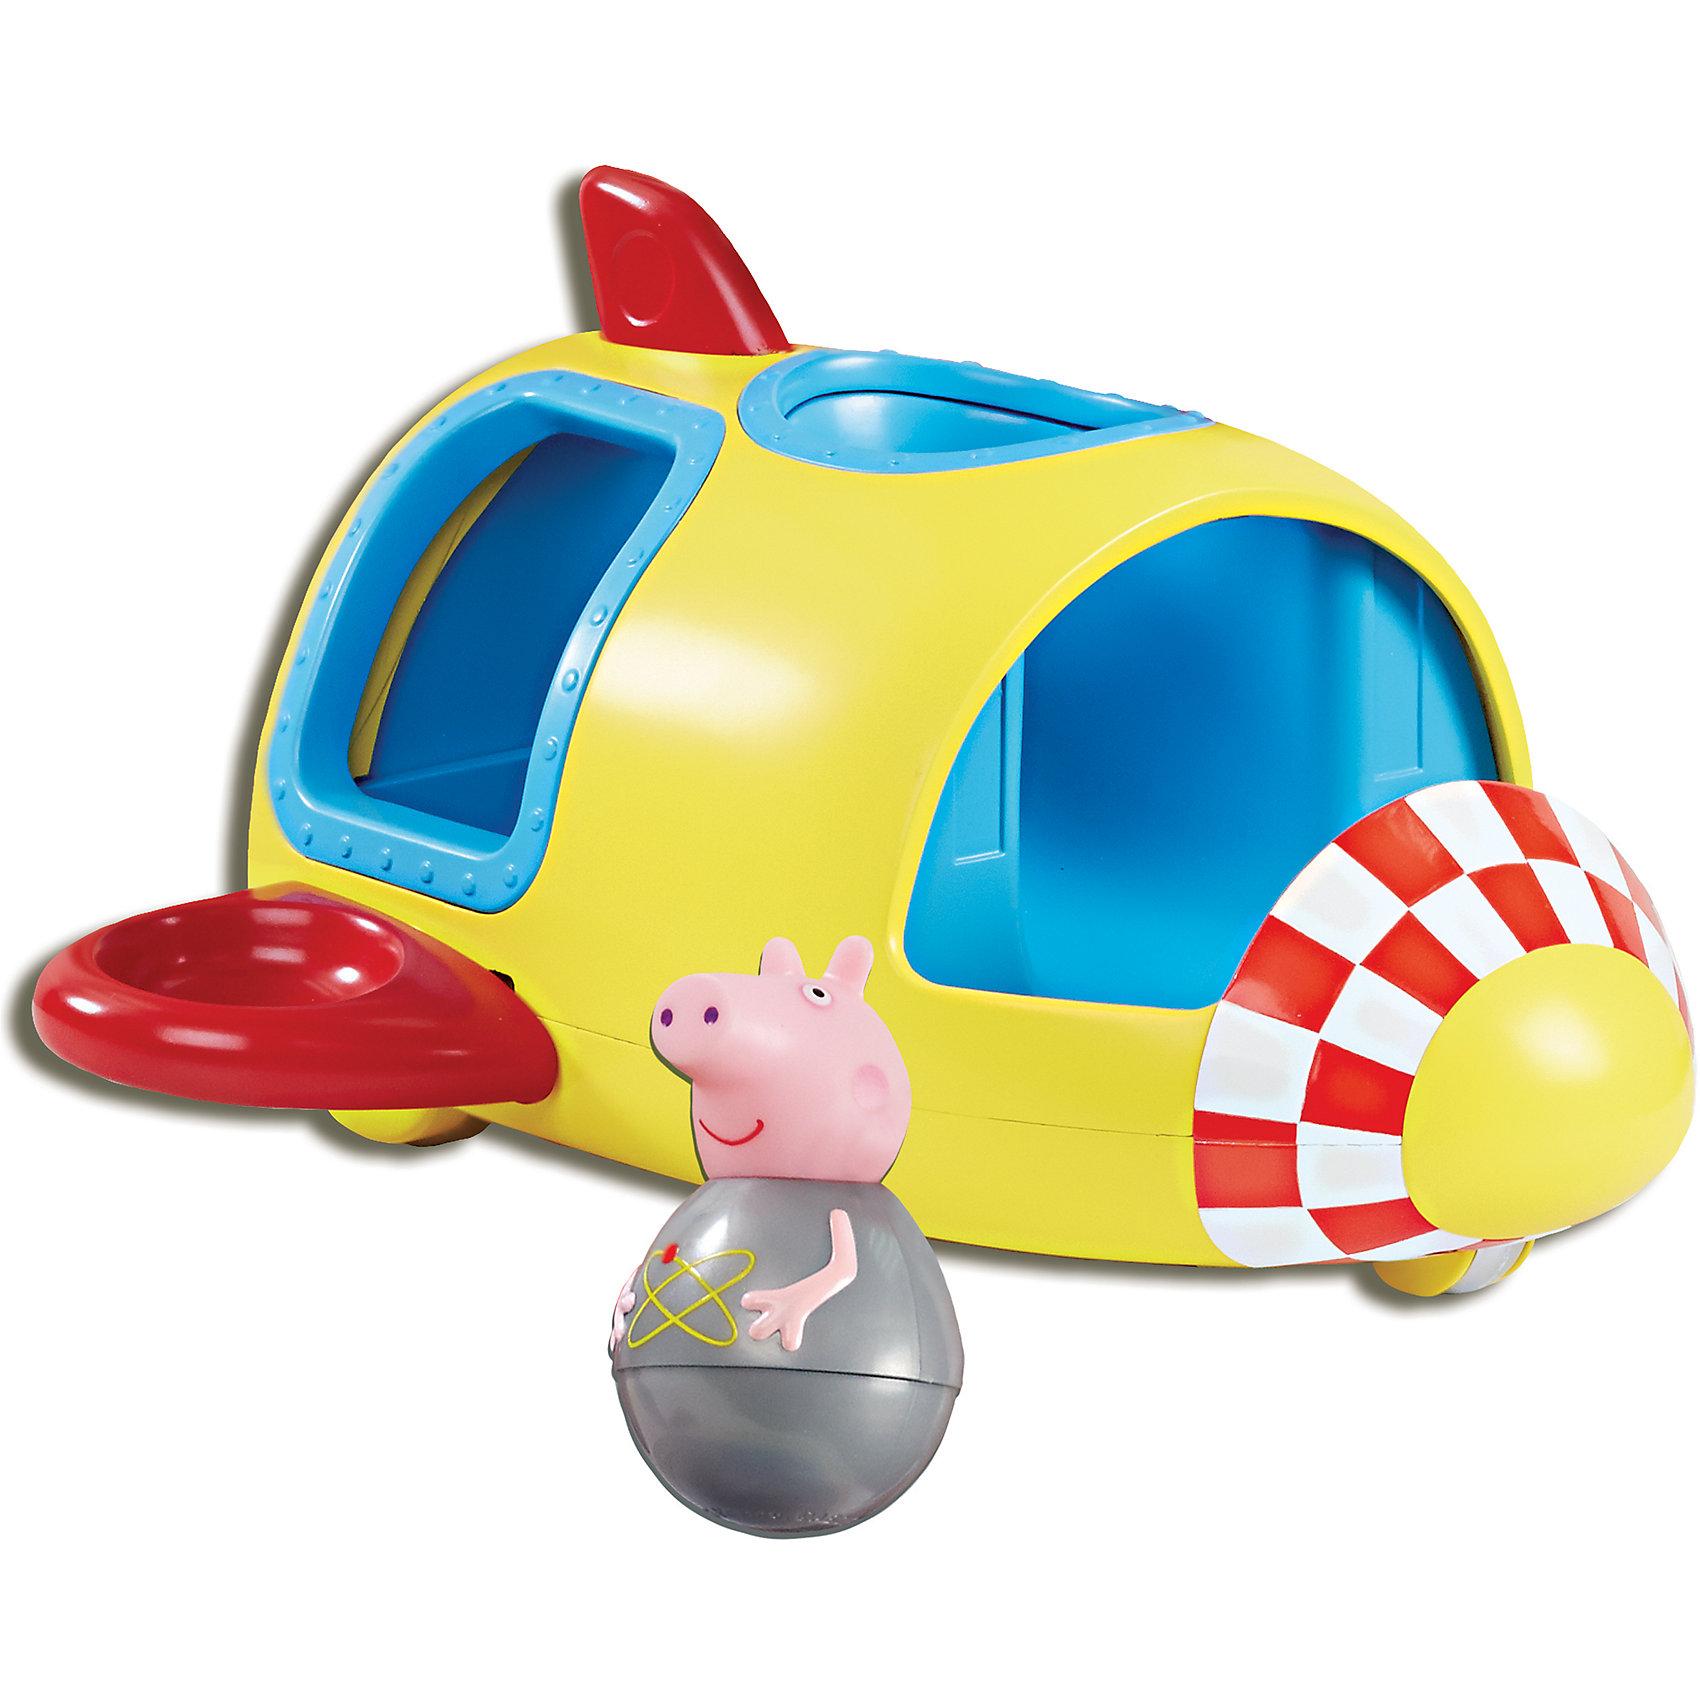 Игровой набор Ракета Пеппы неваляшки, Свинка ПеппаПриглашаем в космическое путешествие вместе с Пеппой-неваляшкой! В ее ракете 6 посадочных мест: 2 спереди, 2 сзади и 2 на крыльях. Ракета передвигается на колесиках, забавно покачивая крыльями, а свинка на сидении вращается, покачивается, не выпадая. Покрутите фигурку Пеппы на столе или полу, и она «затанцует», закрутится, закачается в разные стороны и даже не подумает упасть. С таким набором ребятишкам не придется скучать. А чтобы игра стала еще интереснее, можно приобрести друзей Пеппы из этой же серии, чтобы они вместе отправились в межгалактическое путешествие навстречу увлекательным приключениям. Такая игра развивает у малышей воображение, помогает им обмениваться знаниями и тренировать навыки общения.&#13;<br><br>Дополнительная информация:<br><br>В игровом наборе «Ракета Пеппы-неваляшки» ТМ «Свинка Пеппа» 2 предмета: Пеппа 7,8х4,5 см; ракета 24х26х14,5 см на колесиках с шестью круглыми сидениями.<br>Игрушки выполнены из безопасного пластика и пластизоля. <br><br>Игровой набор Ракета Пеппы неваляшки, Свинка Пеппа можно купить в нашем магазине.<br><br>Ширина мм: 180<br>Глубина мм: 280<br>Высота мм: 285<br>Вес г: 730<br>Возраст от месяцев: 36<br>Возраст до месяцев: 72<br>Пол: Унисекс<br>Возраст: Детский<br>SKU: 4338798